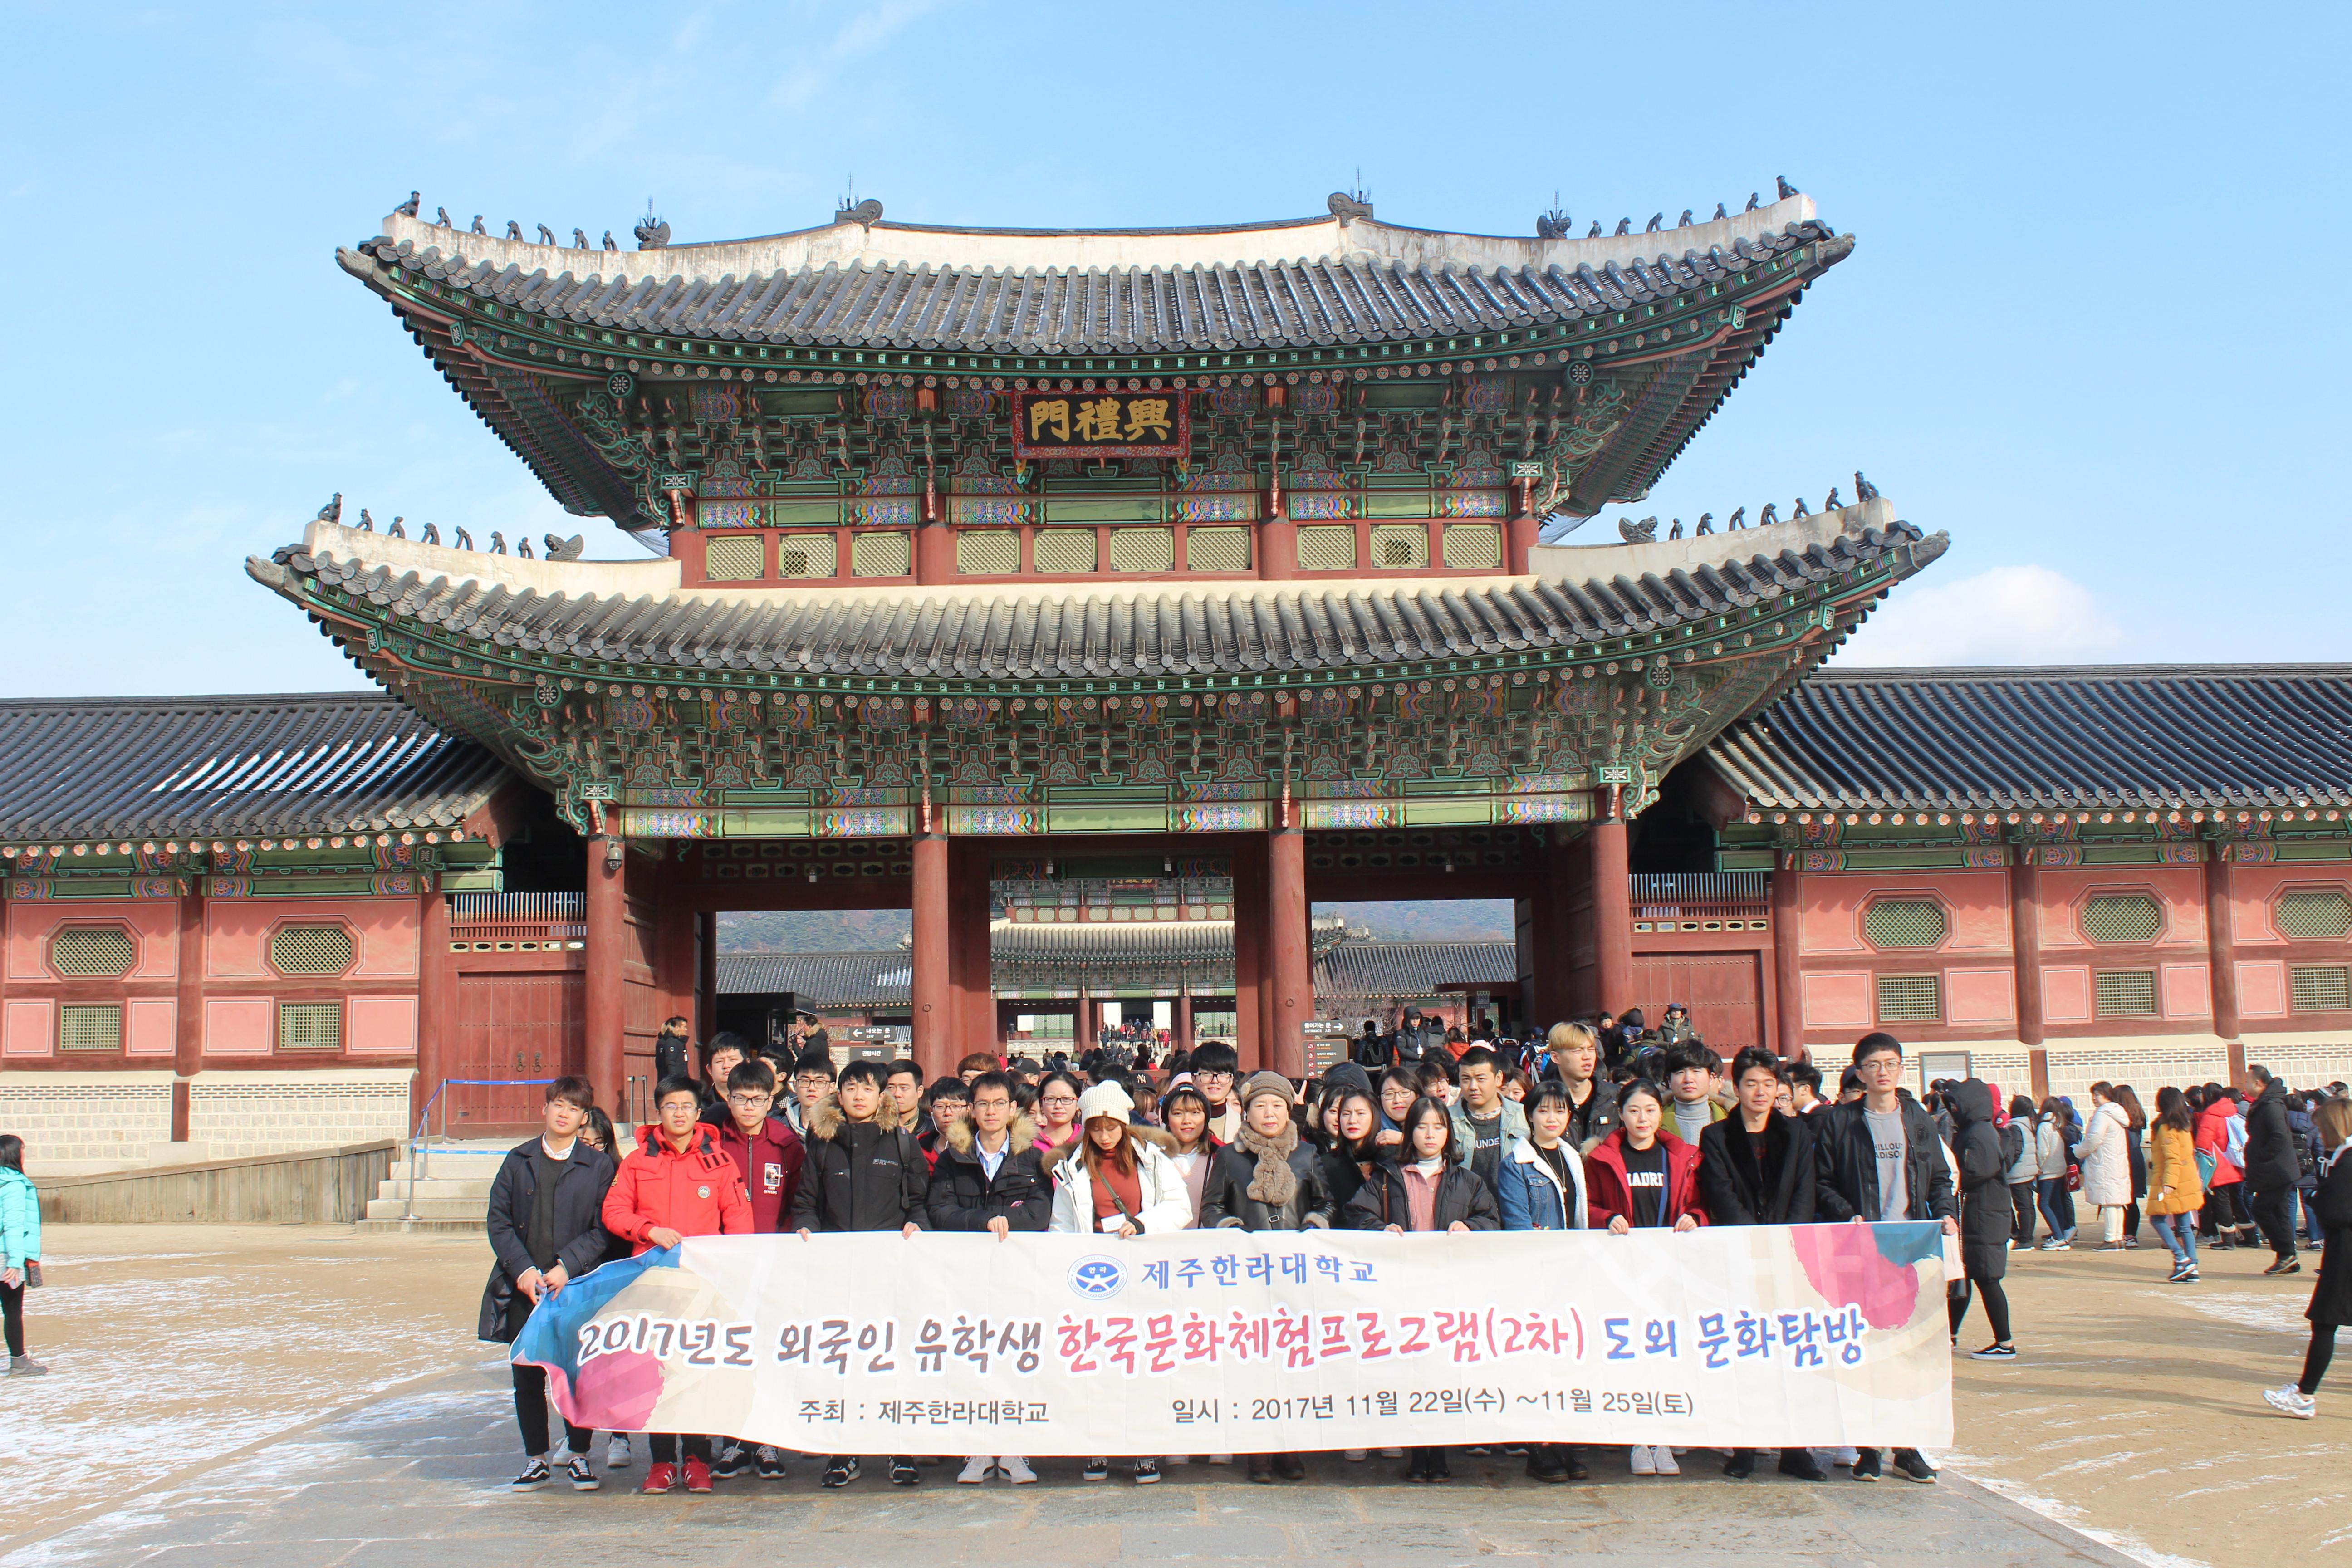 2017년도 외국인 유학생 한국문화체험프로그램(2차) 도외 문화탐방3